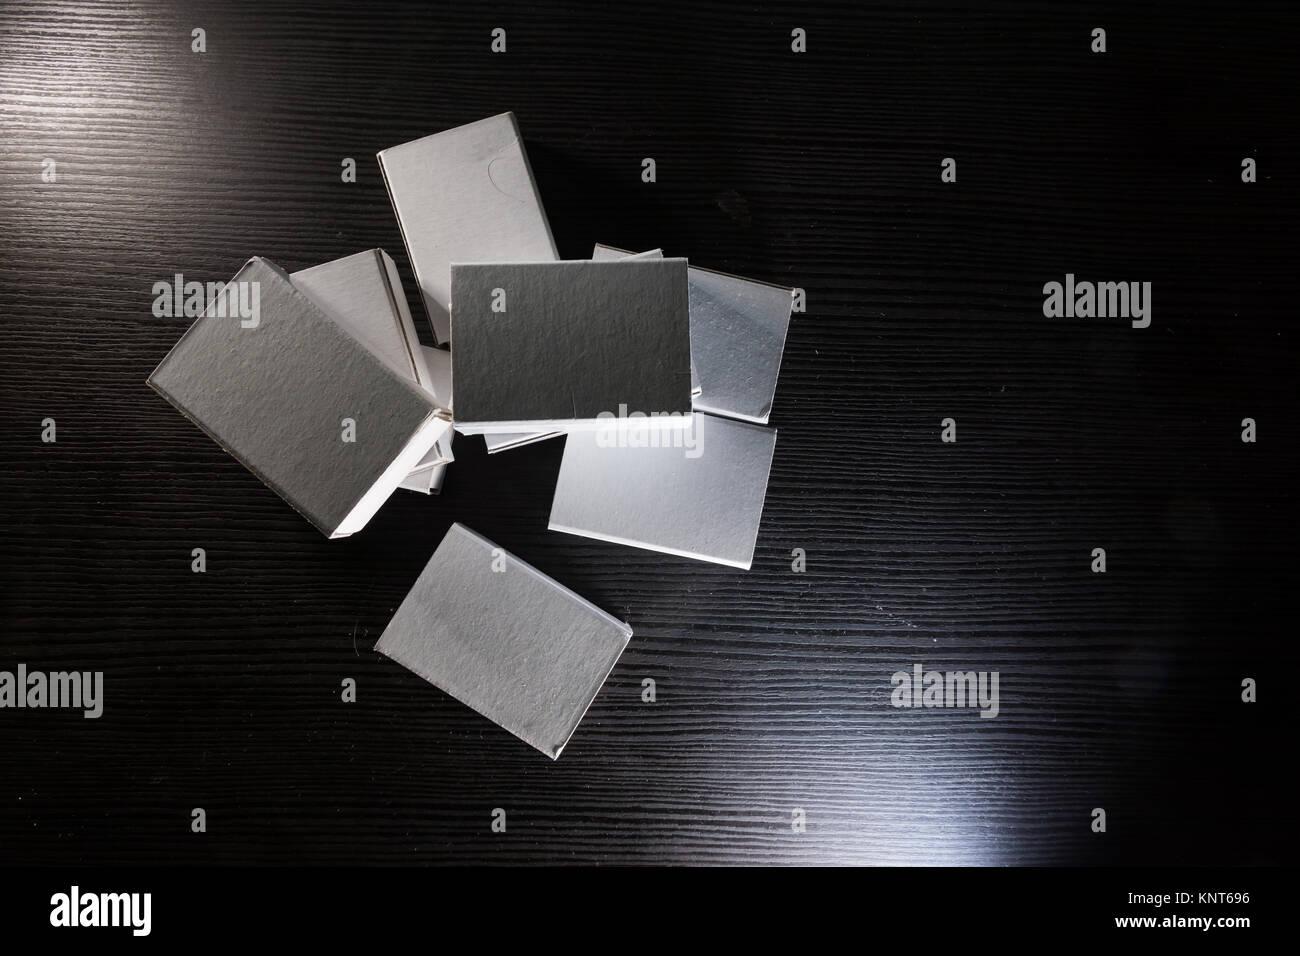 Coincidencia de papel Cajas de cartón cajas de cartón blanco ...